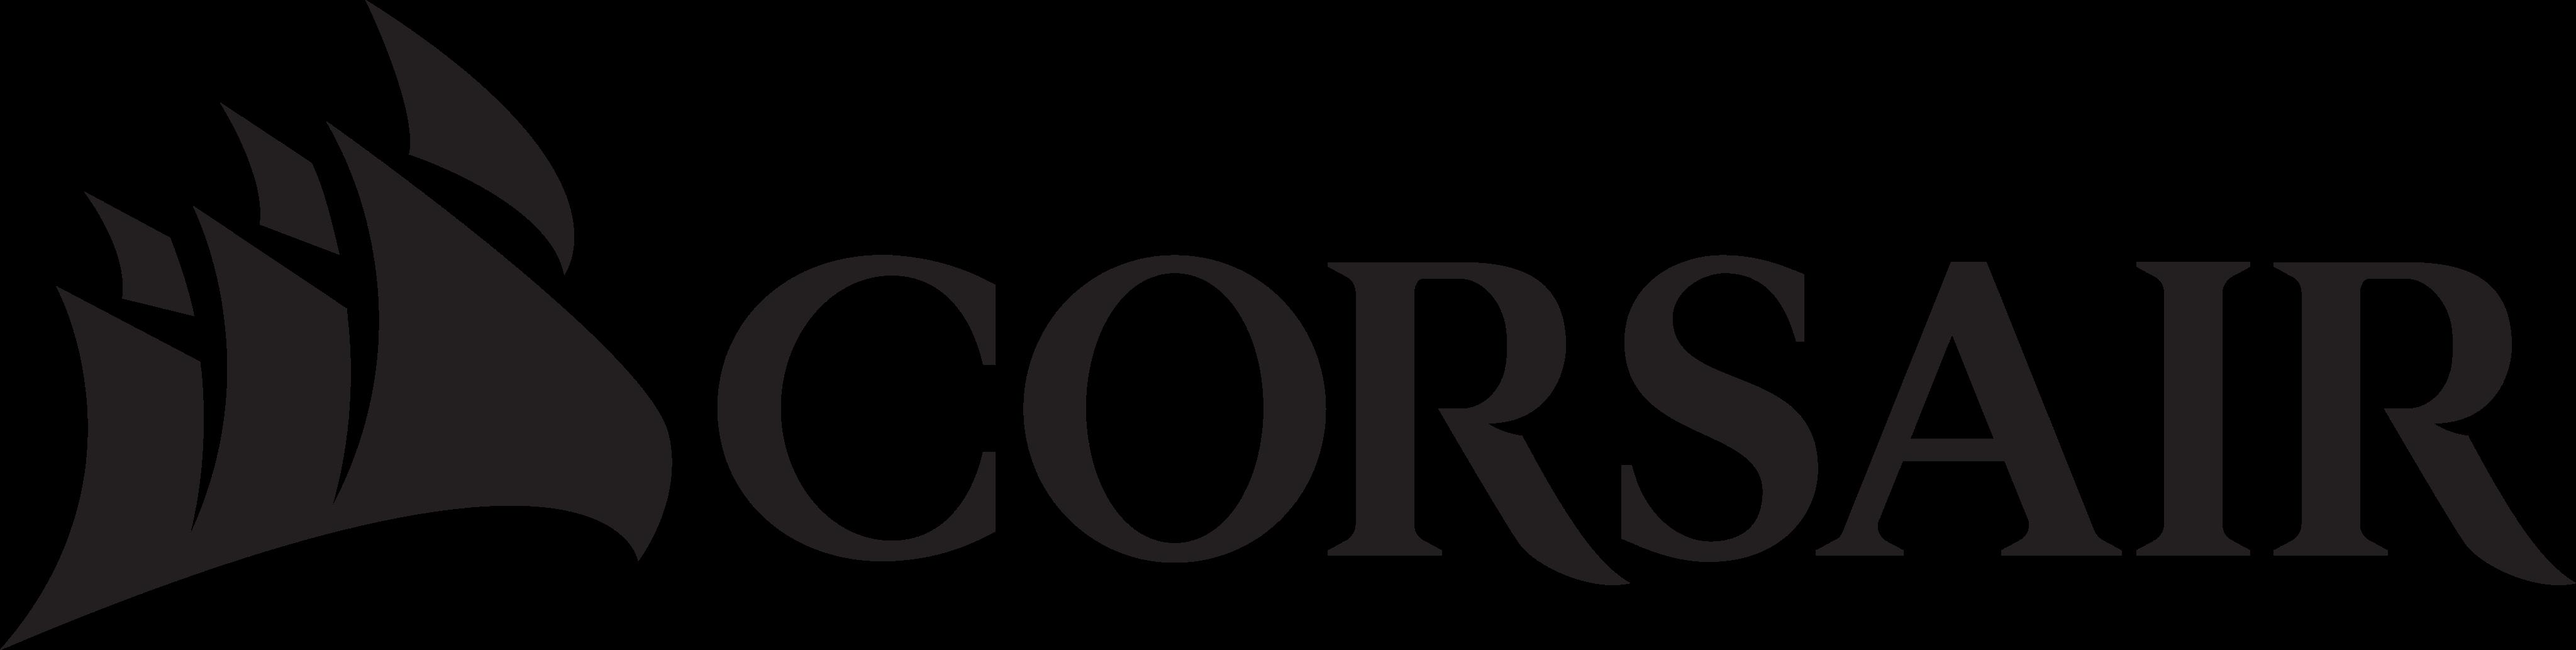 corsair logo 1 - Corsair Logo